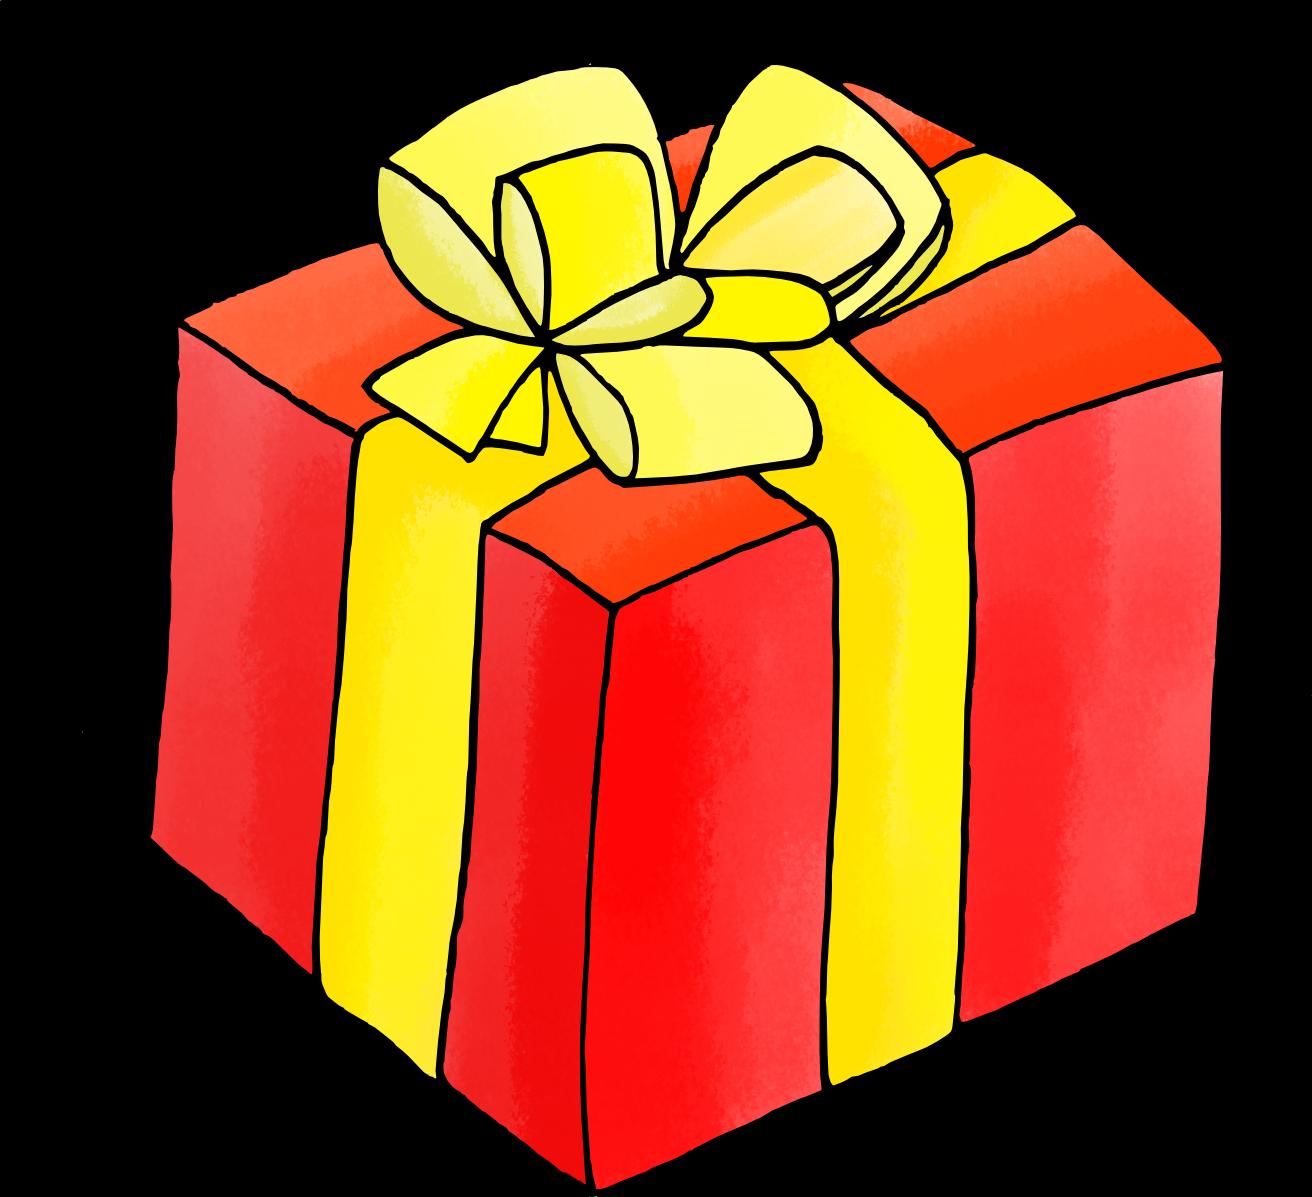 Dessin de noel en couleur cadeau